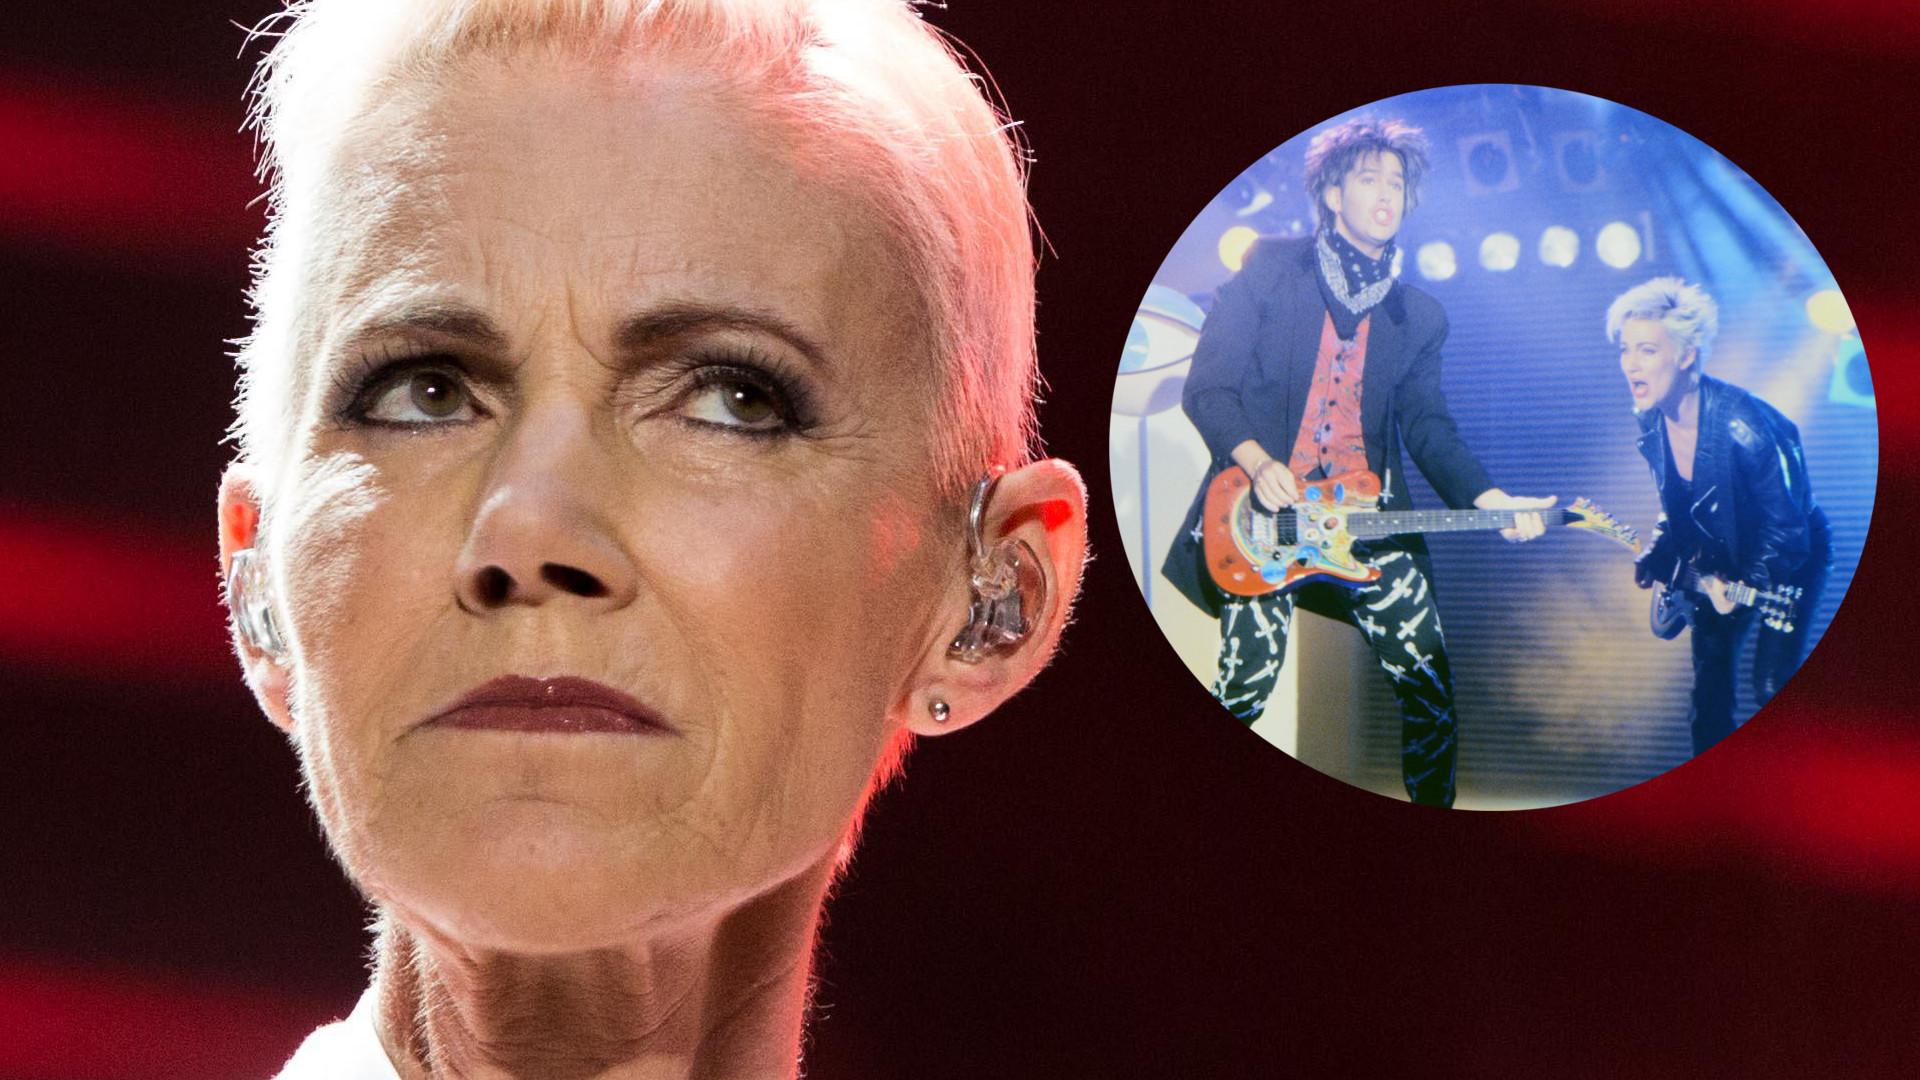 Zmarła Marie Fredriksson – wokalistka grupy ROXETTE miała 61 lat. Od dawna walczyła z nowotworem